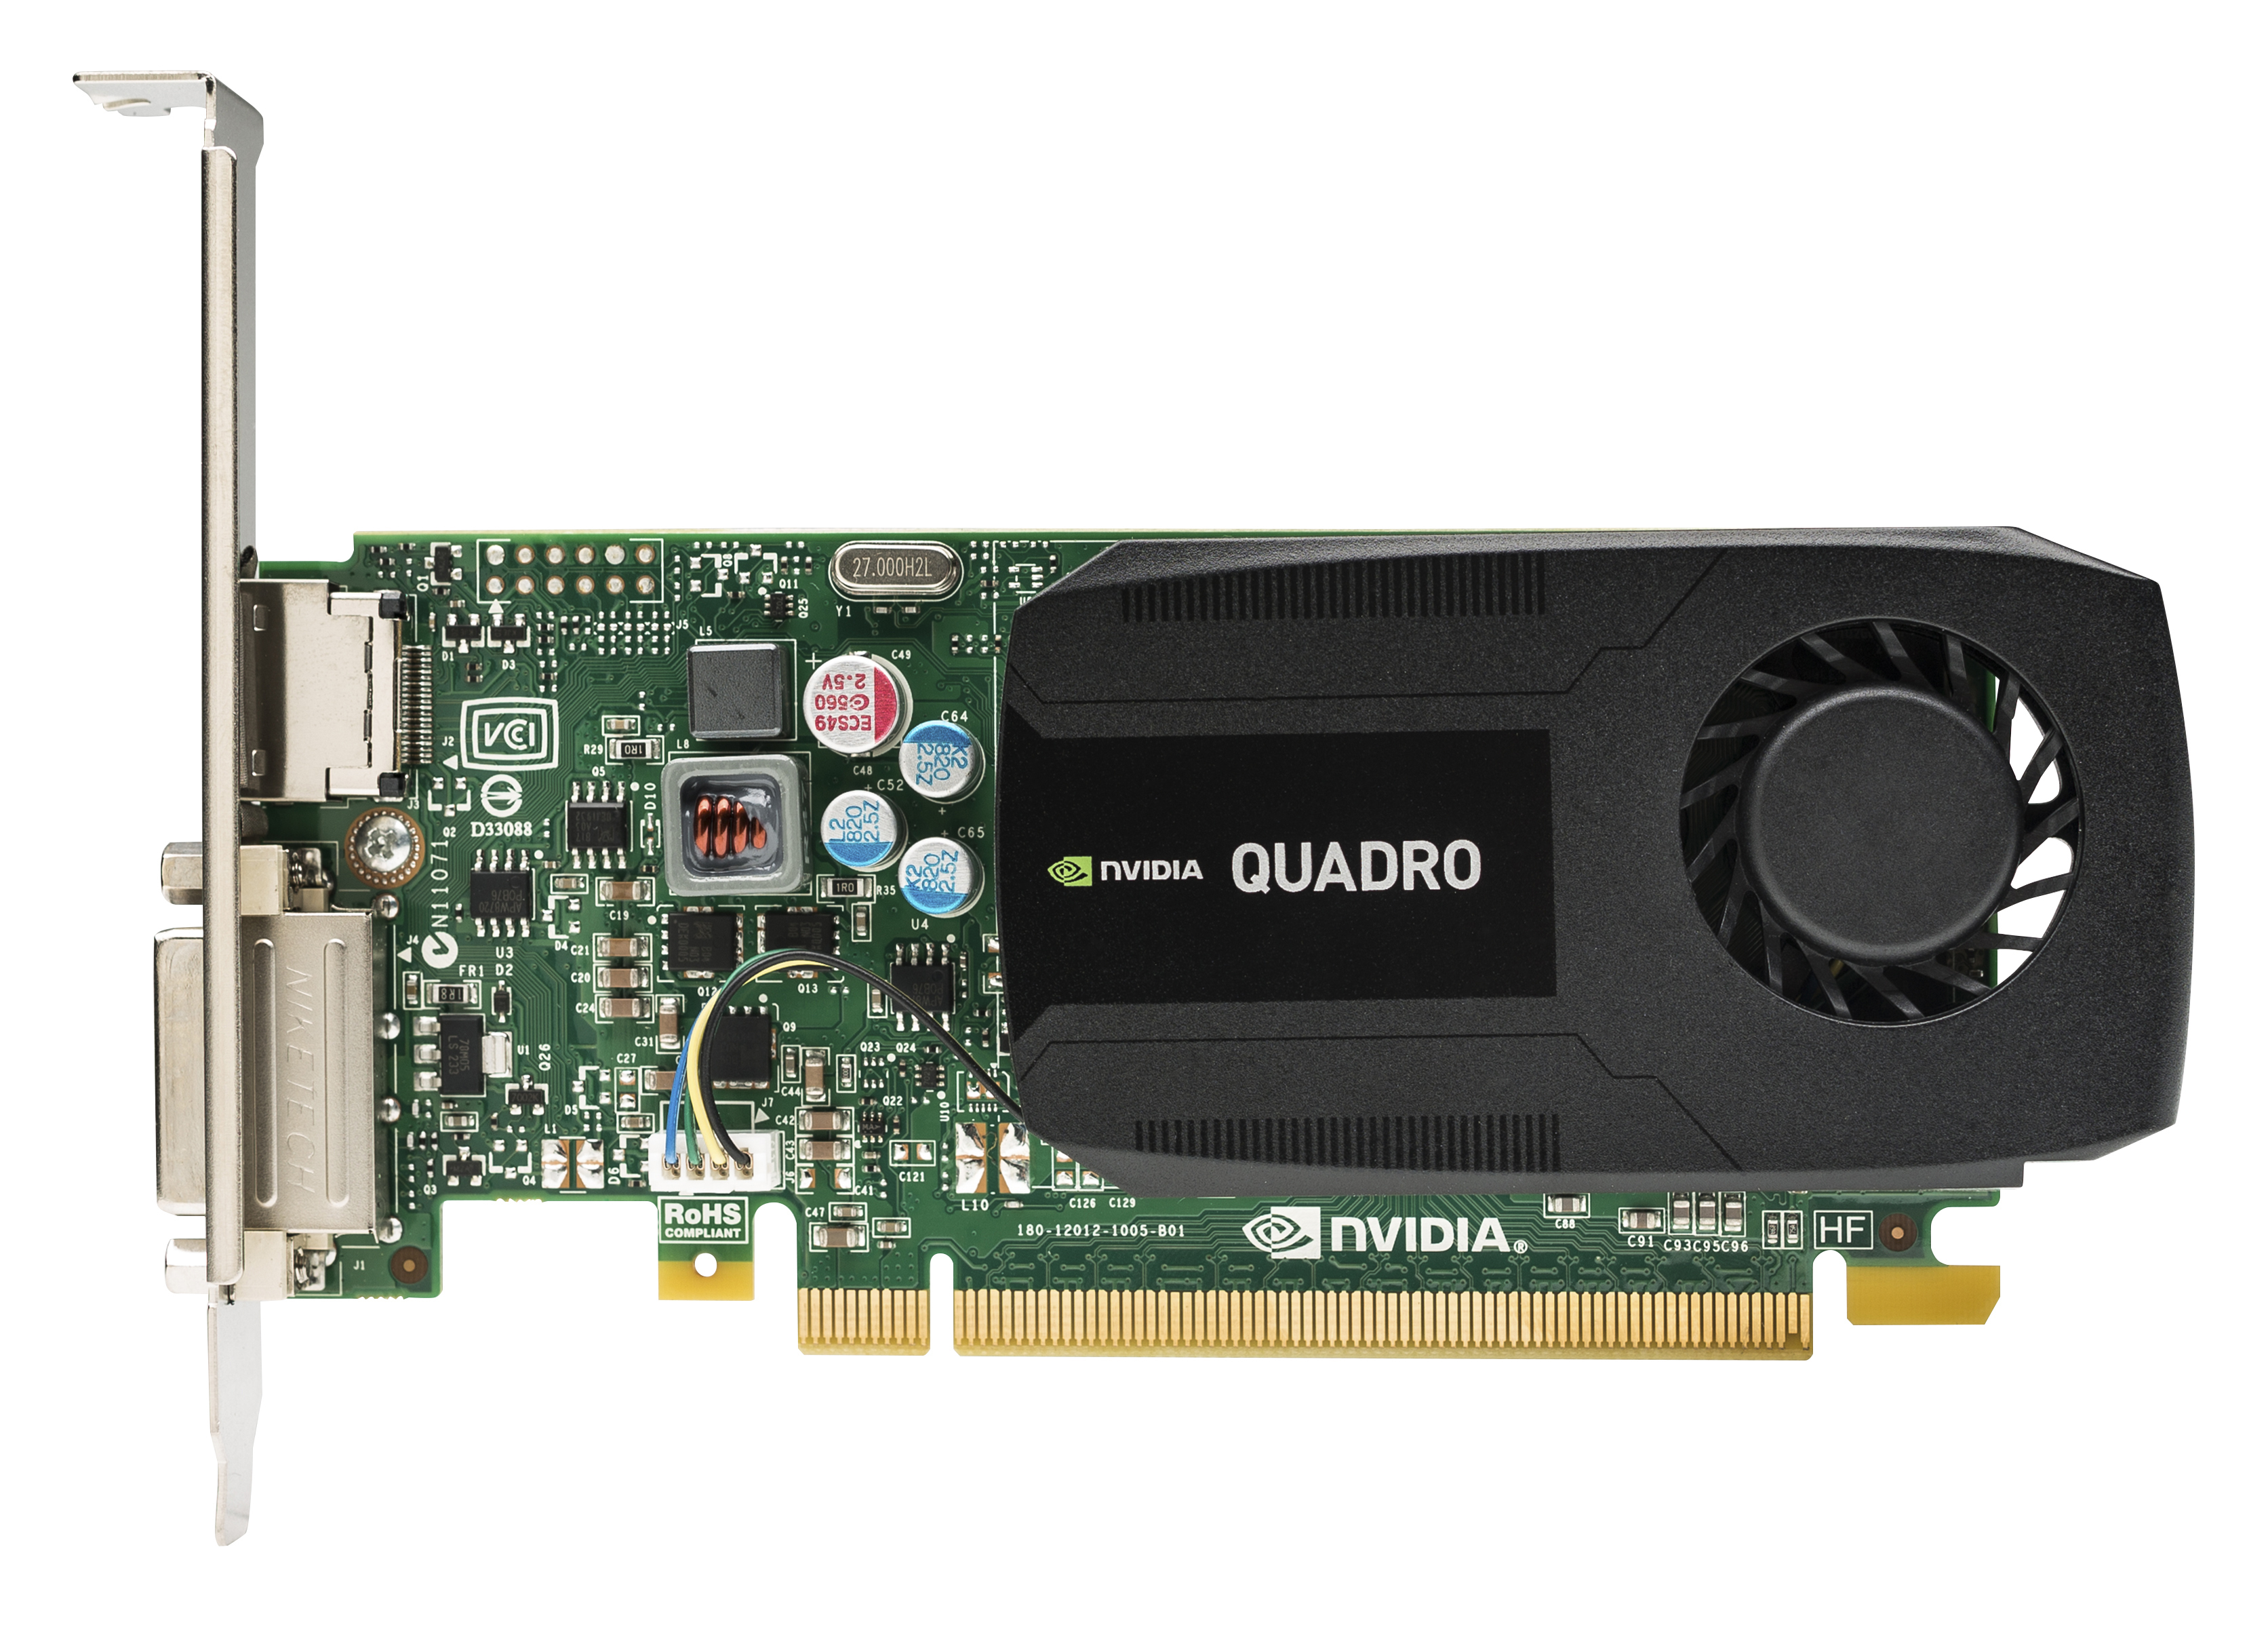 HP NVIDIA Quadro K420 NVIDIA Quadro K420 2GB